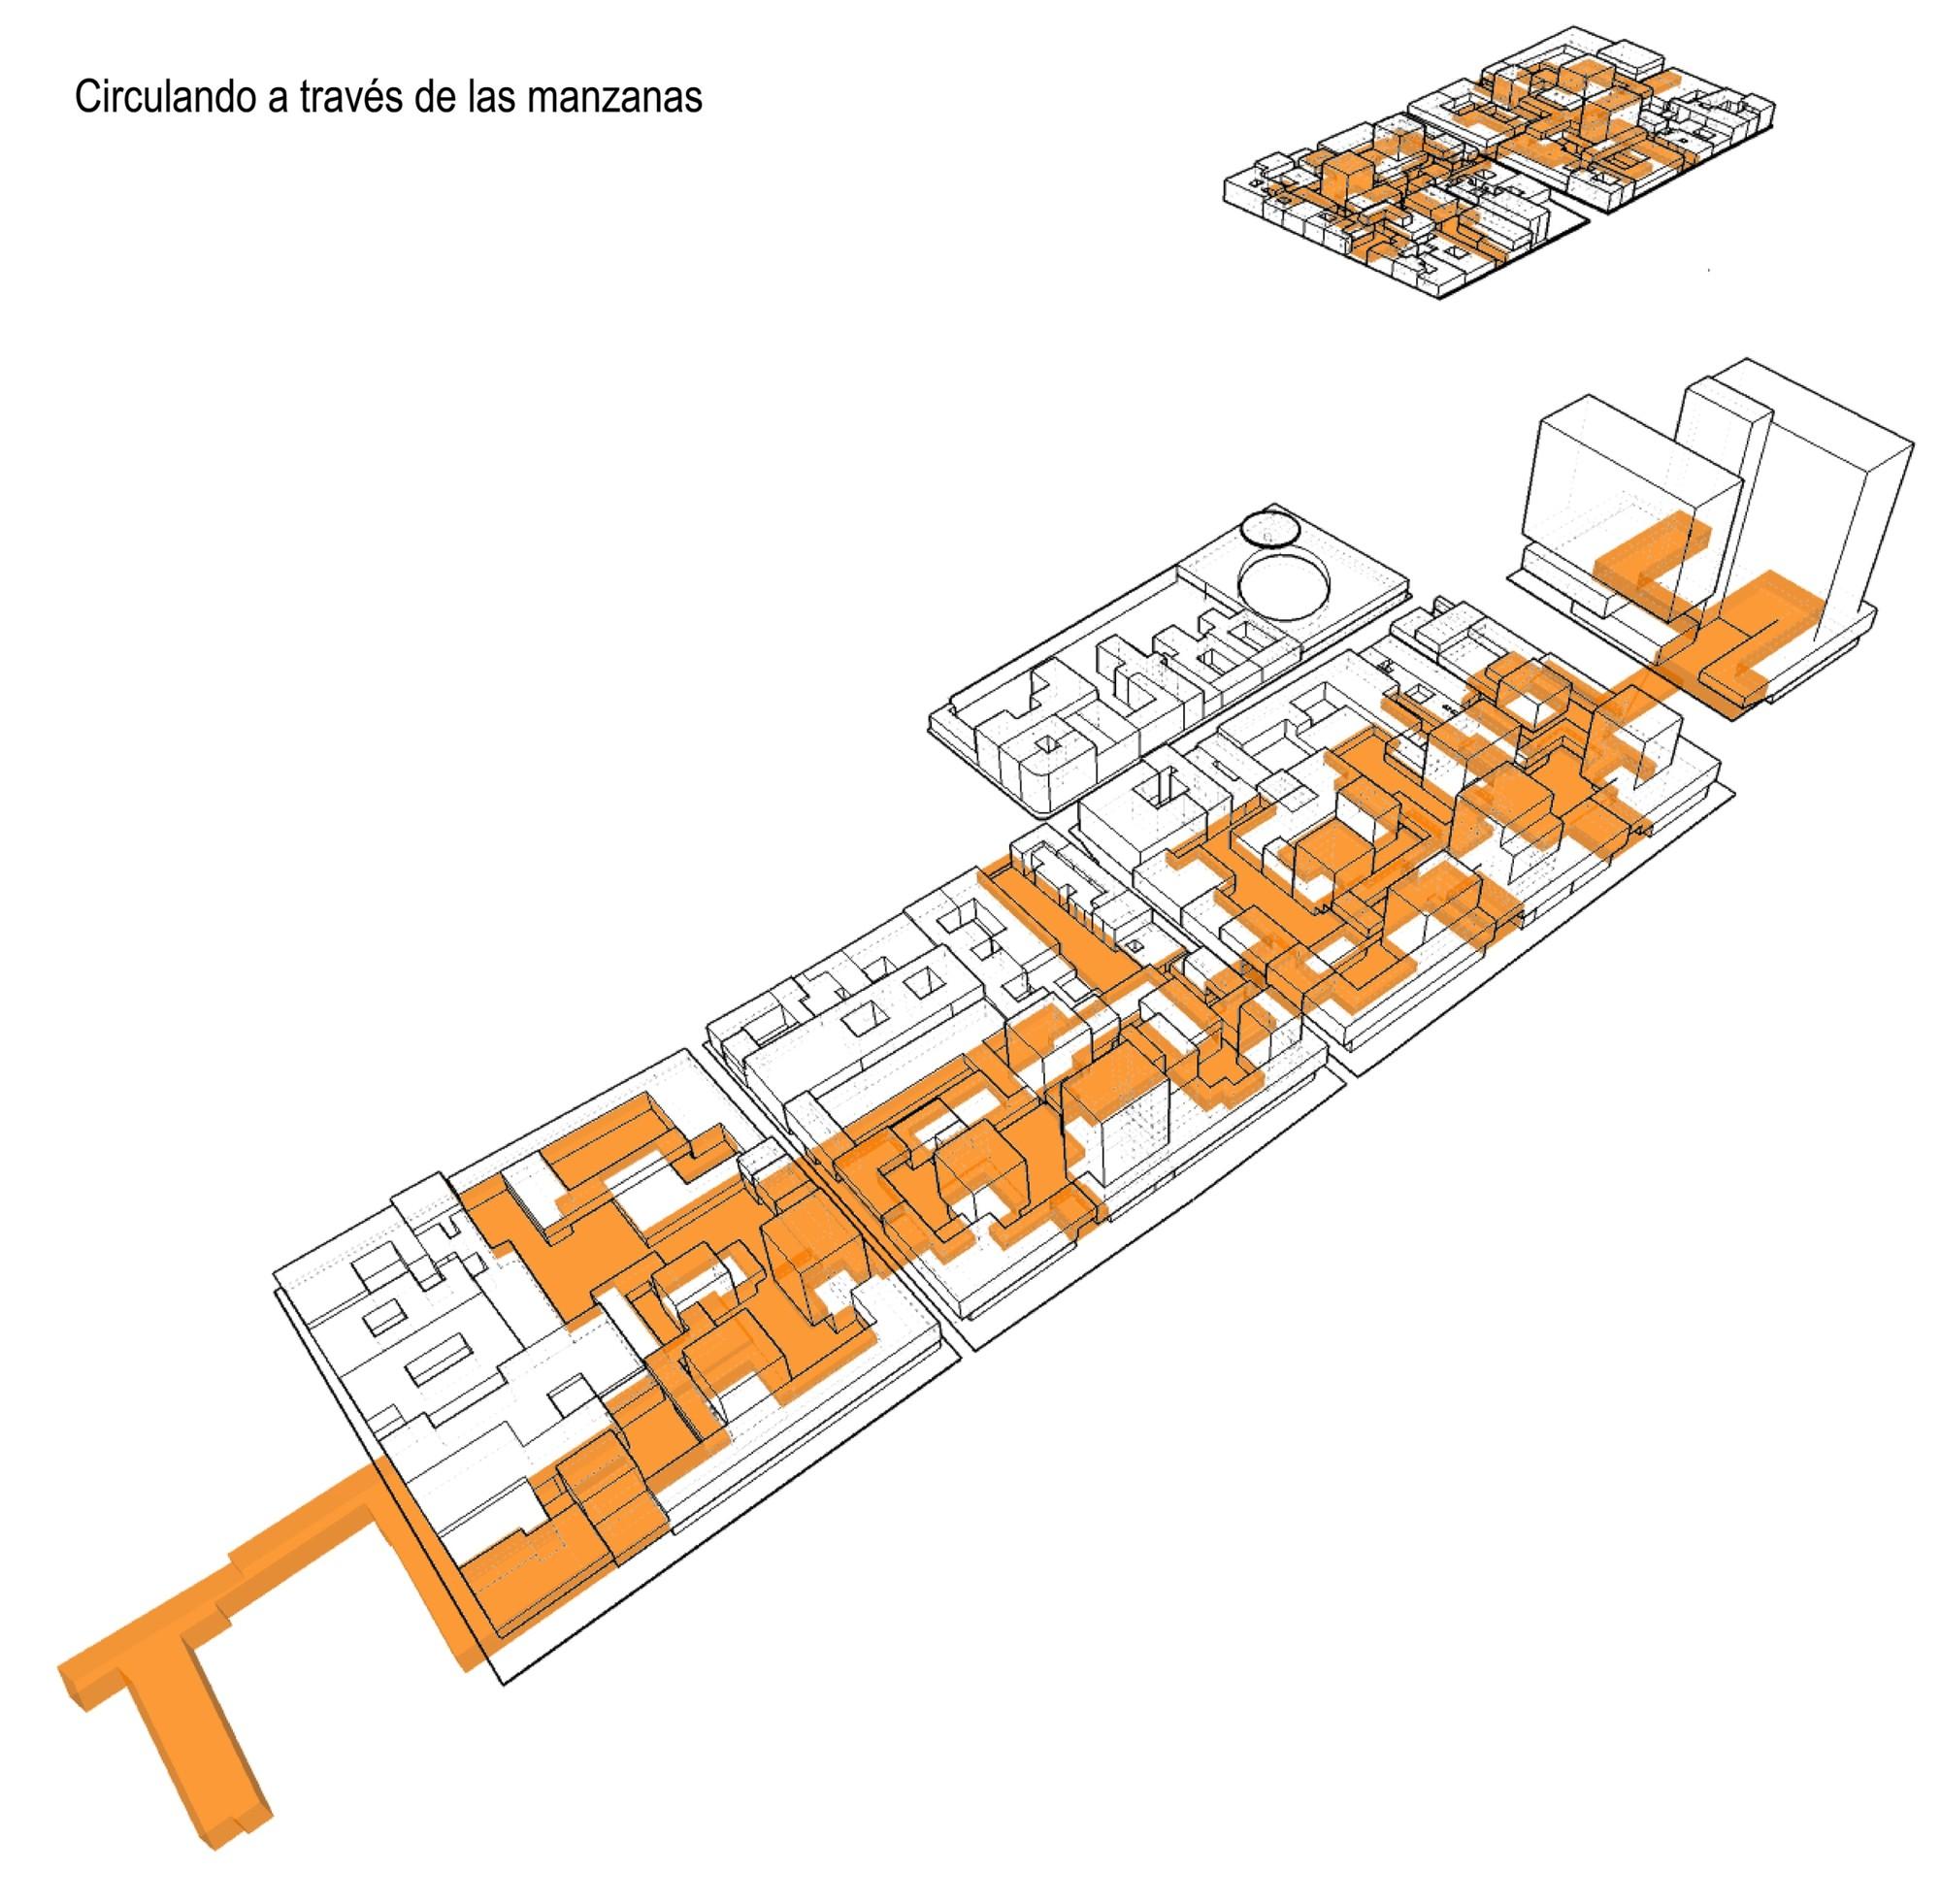 'Circulación a través de las manzanas'. Image Courtesy of JAC Arquitectos